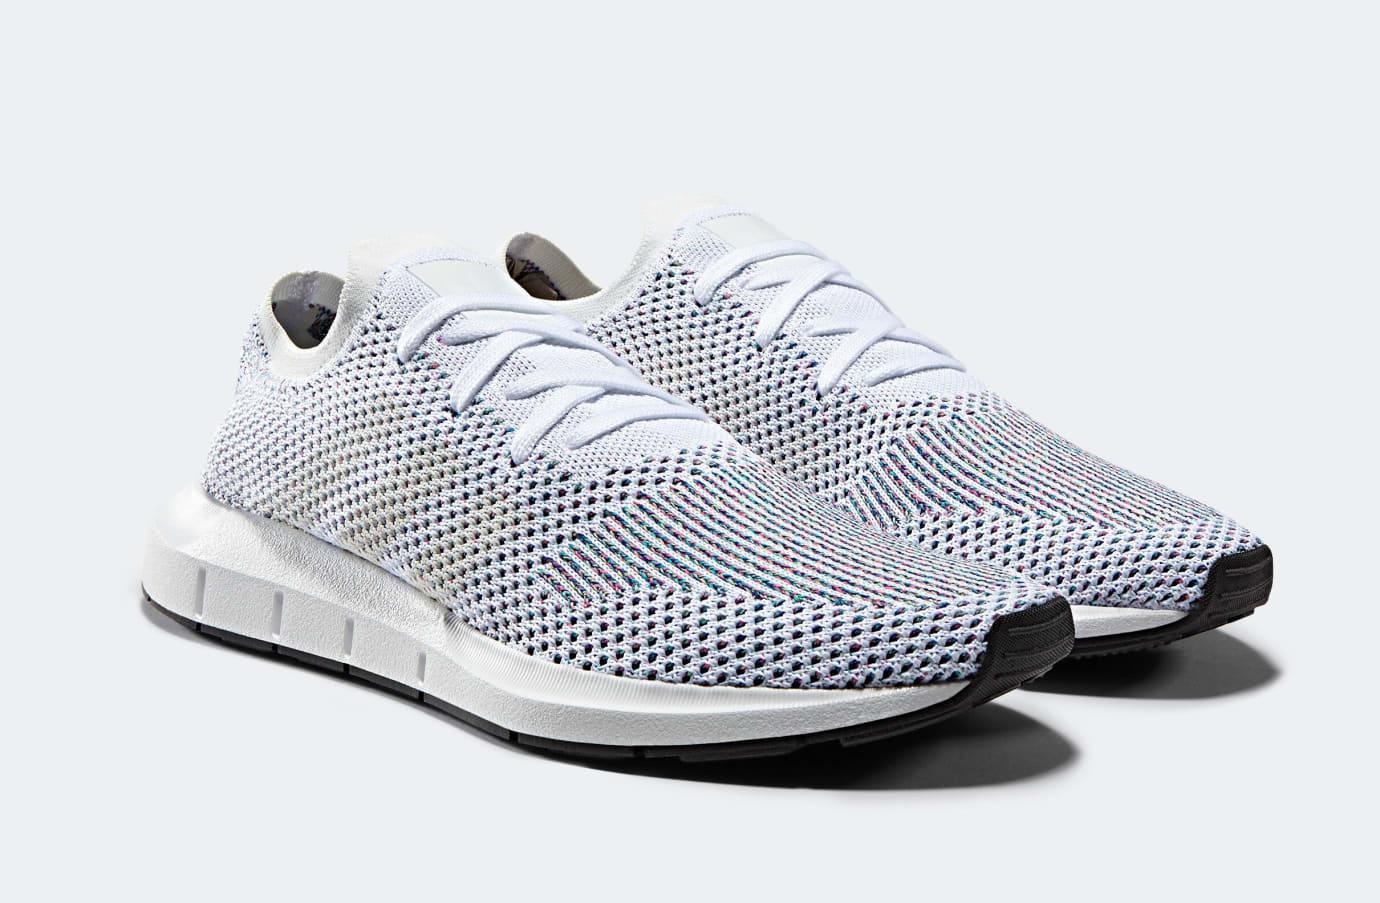 Adidas Swift Run 'White' (Pair)